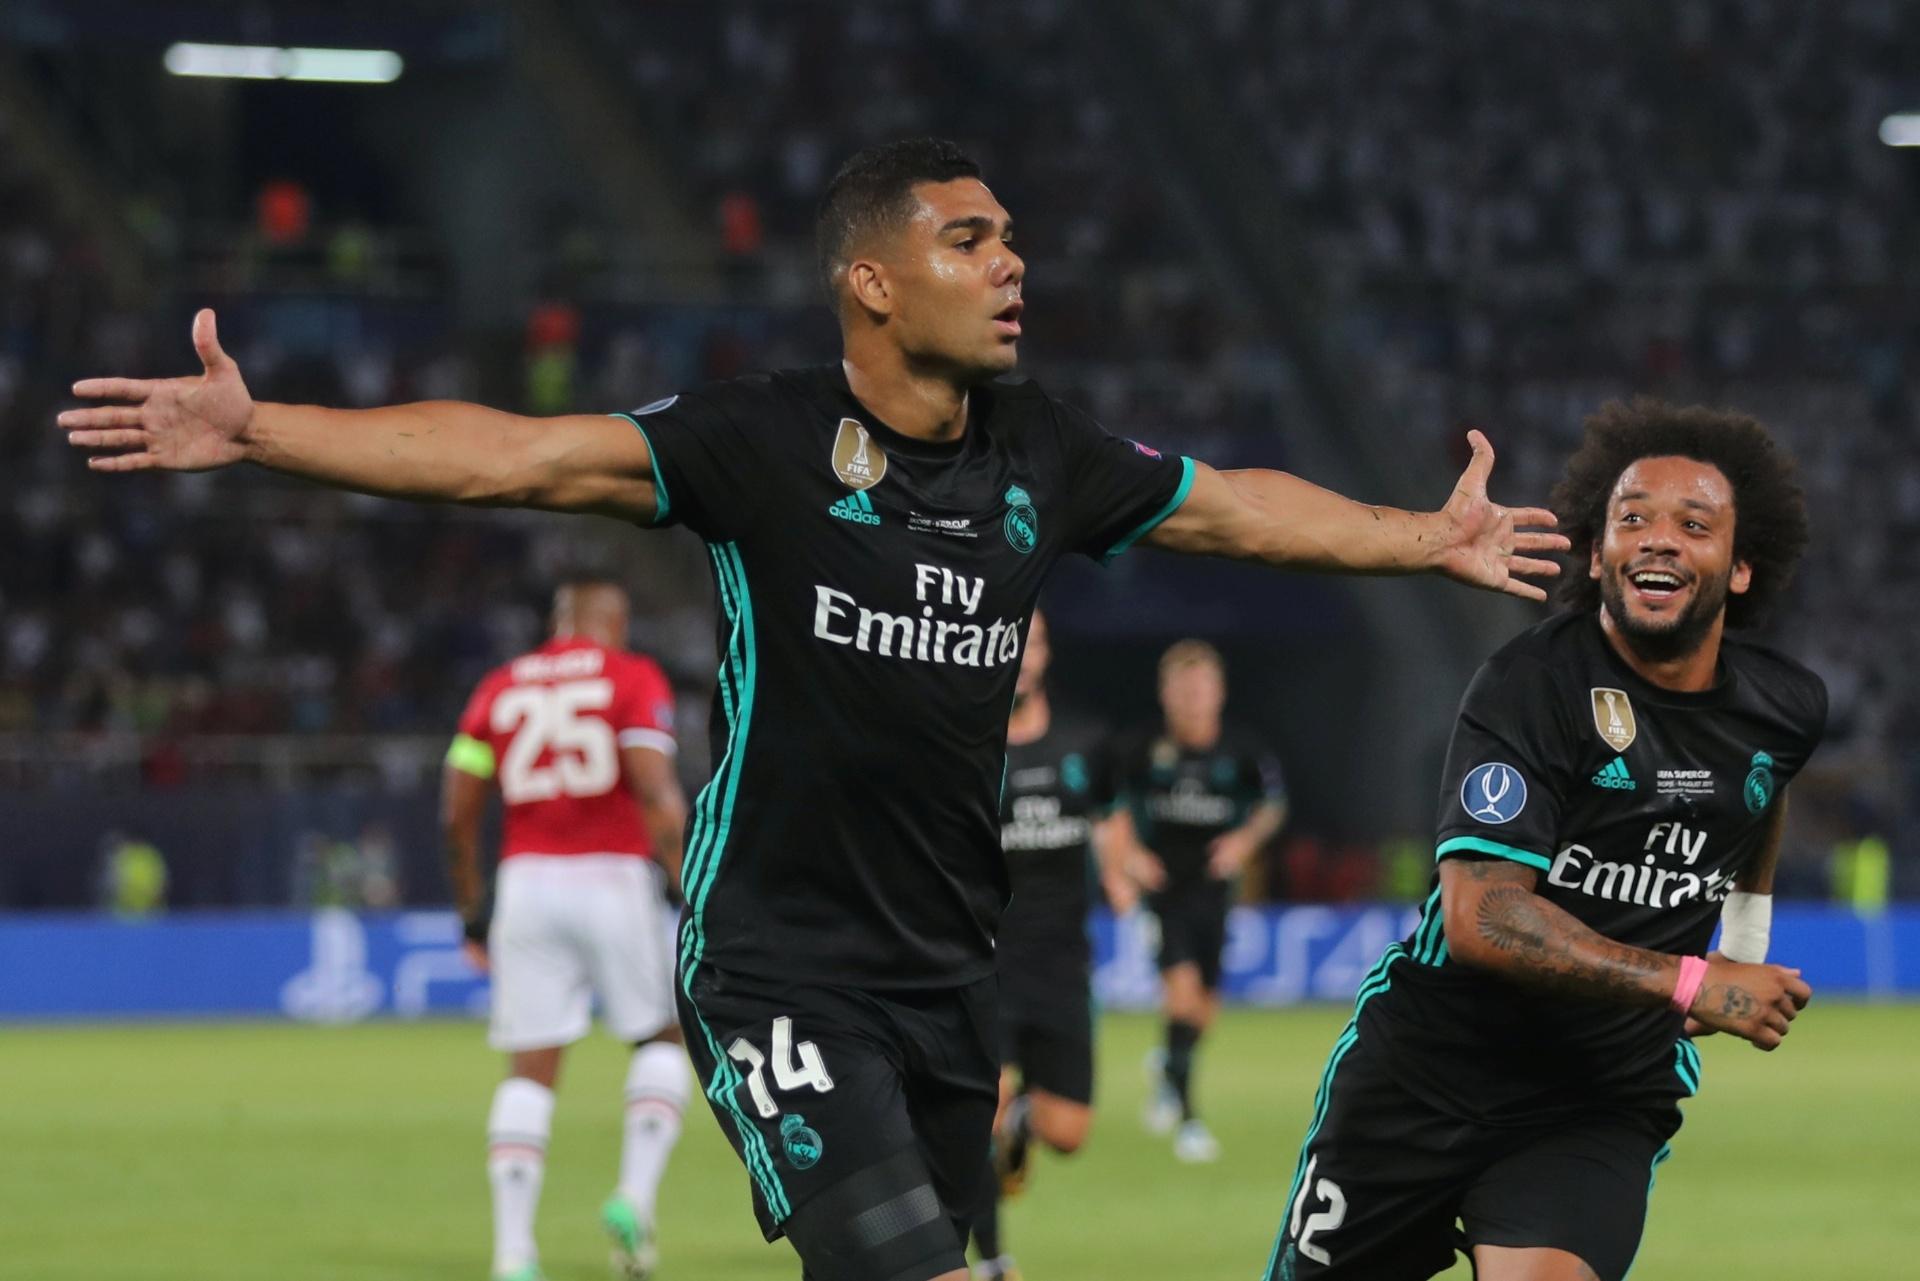 6b36623757 Real Madrid é campeão da Supercopa em cima do United com gol de Casemiro -  08 08 2017 - UOL Esporte